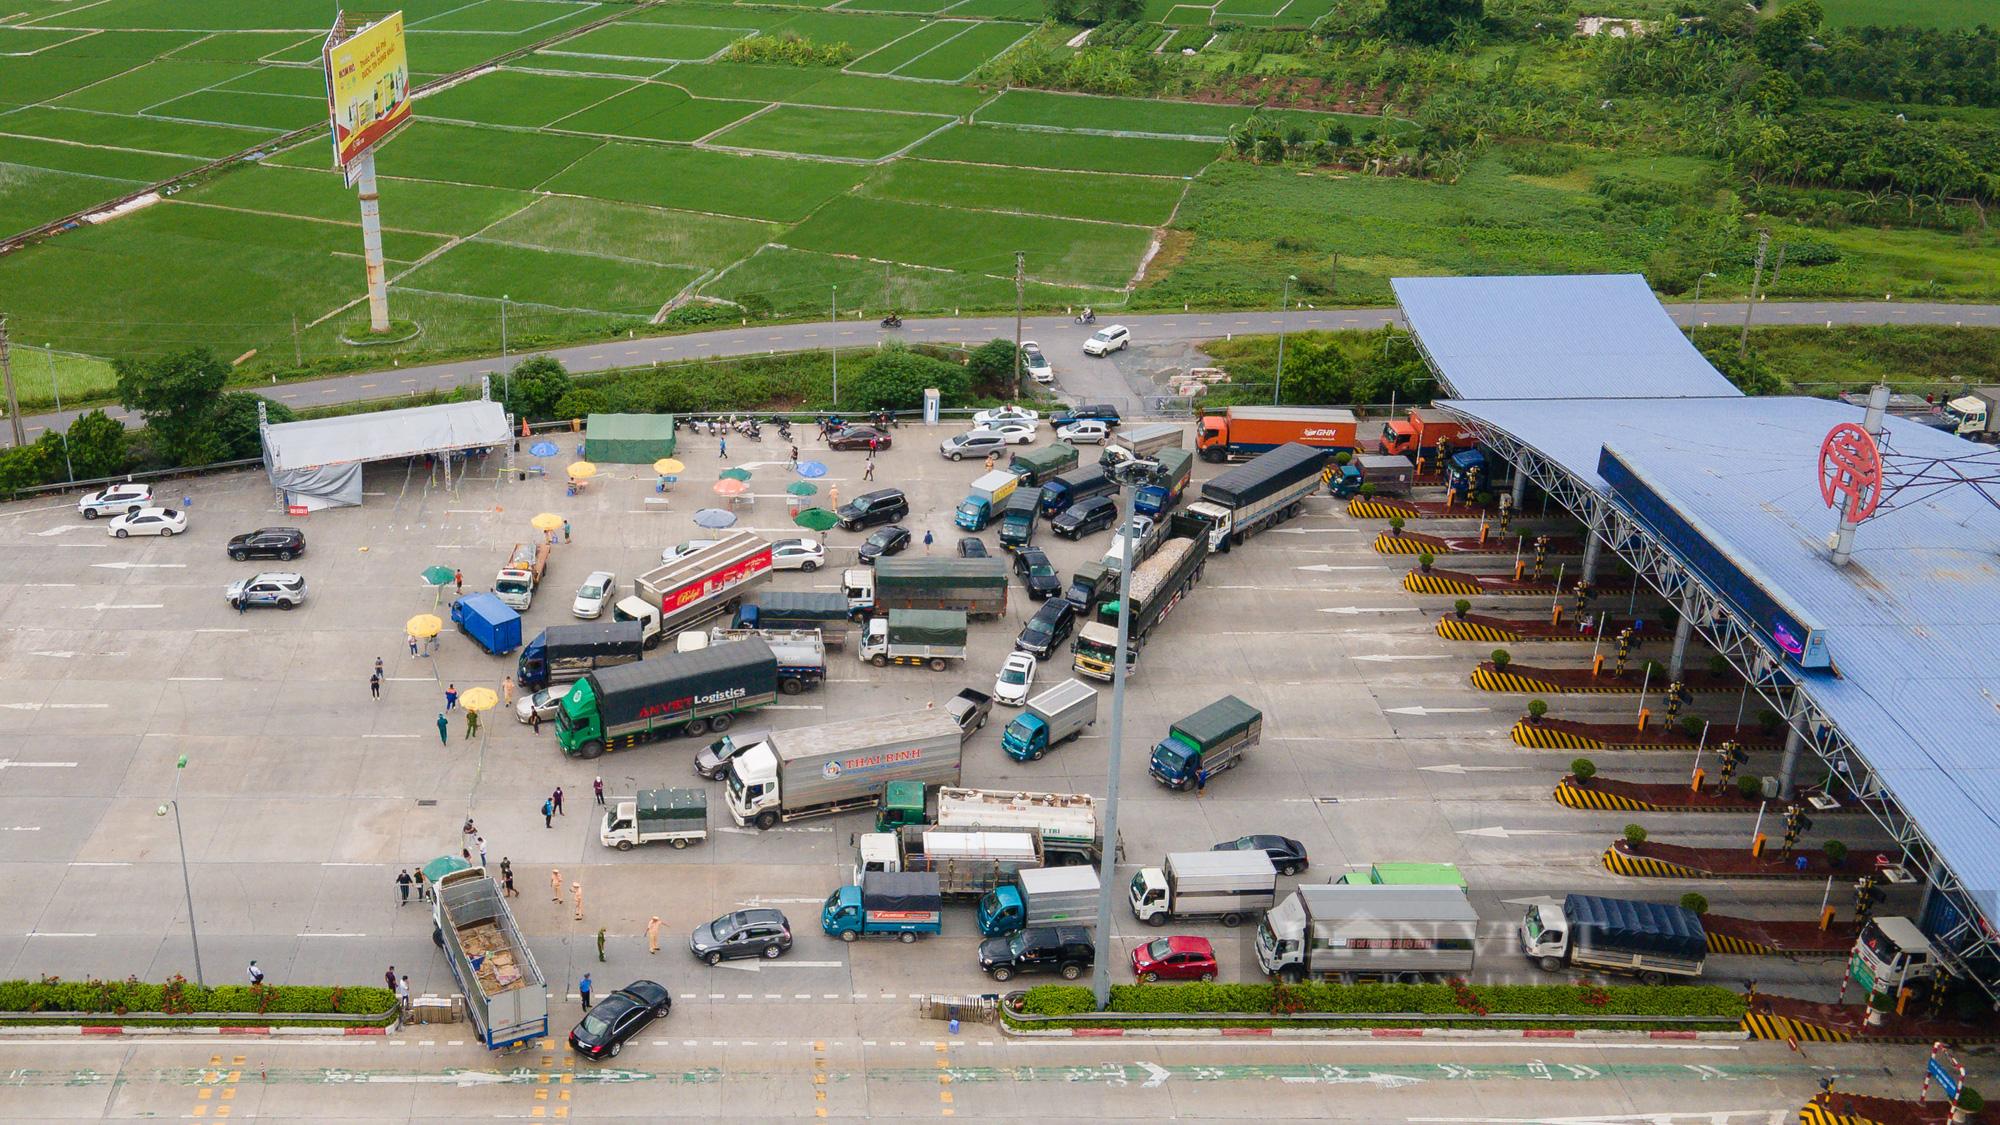 Tài xế đi hơn 1000km từ Vĩnh Long ra Hà Nội bị yêu cầu quay xe - Ảnh 4.